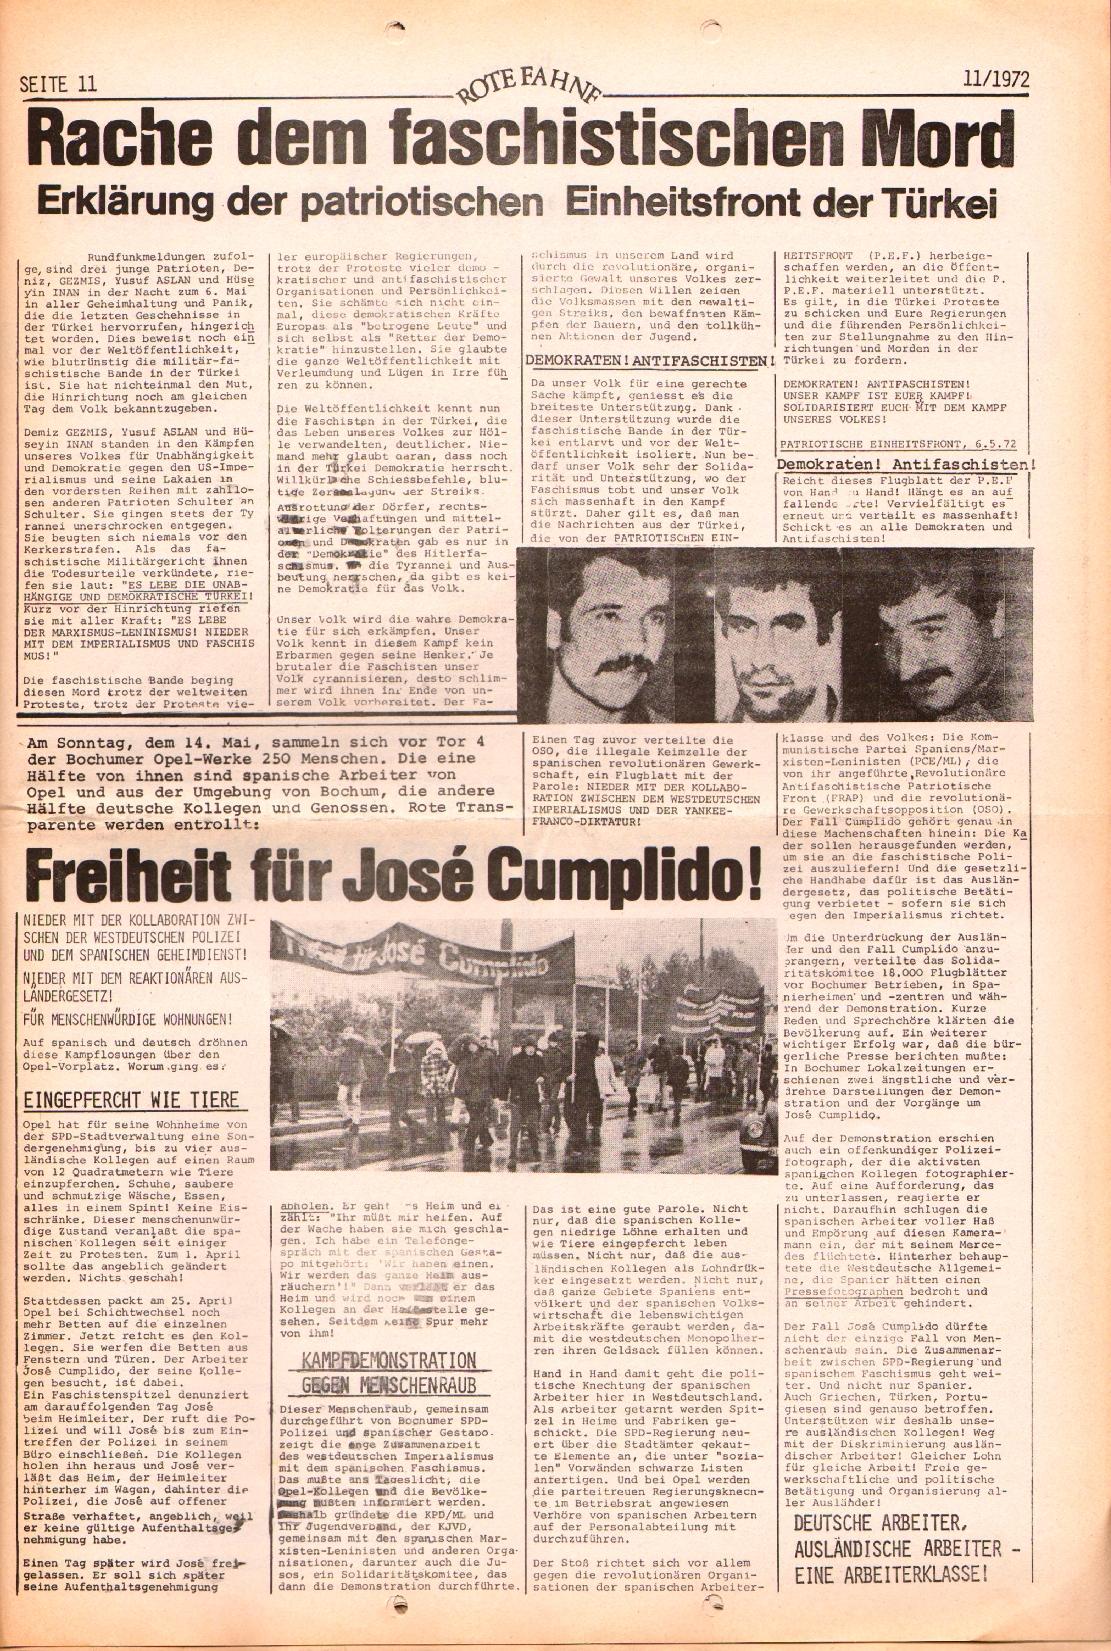 Rote Fahne, 3. Jg., 29.5.1972, Nr. 11, Seite 11